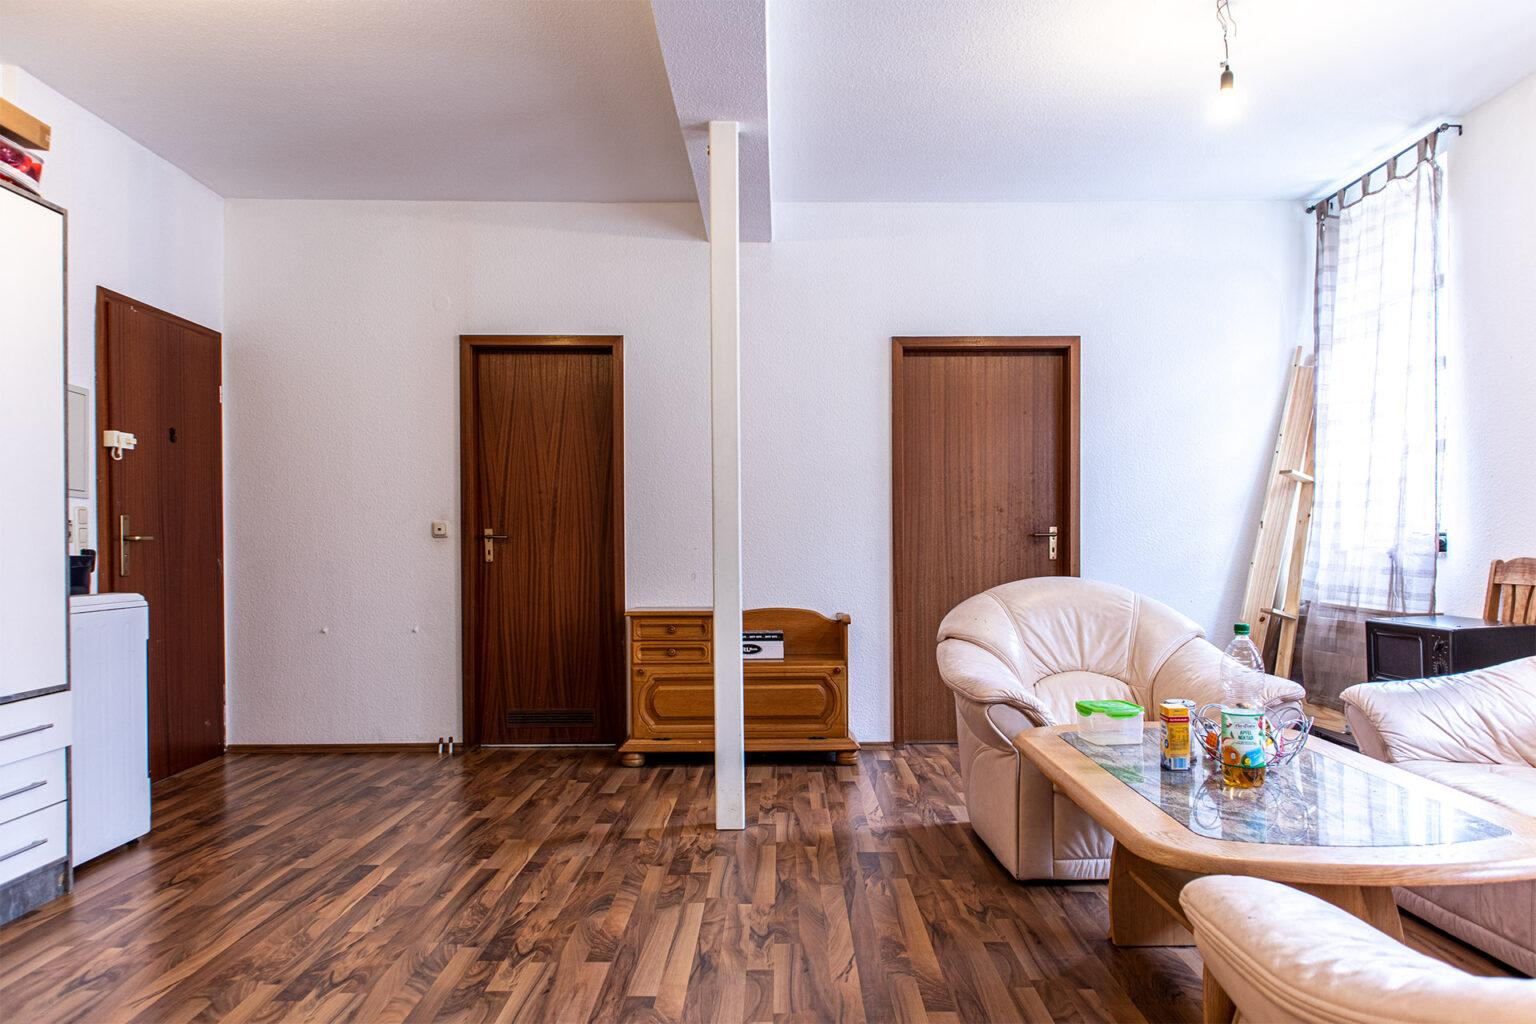 Blick auf den Eingang, das Badezimmer und die Küche